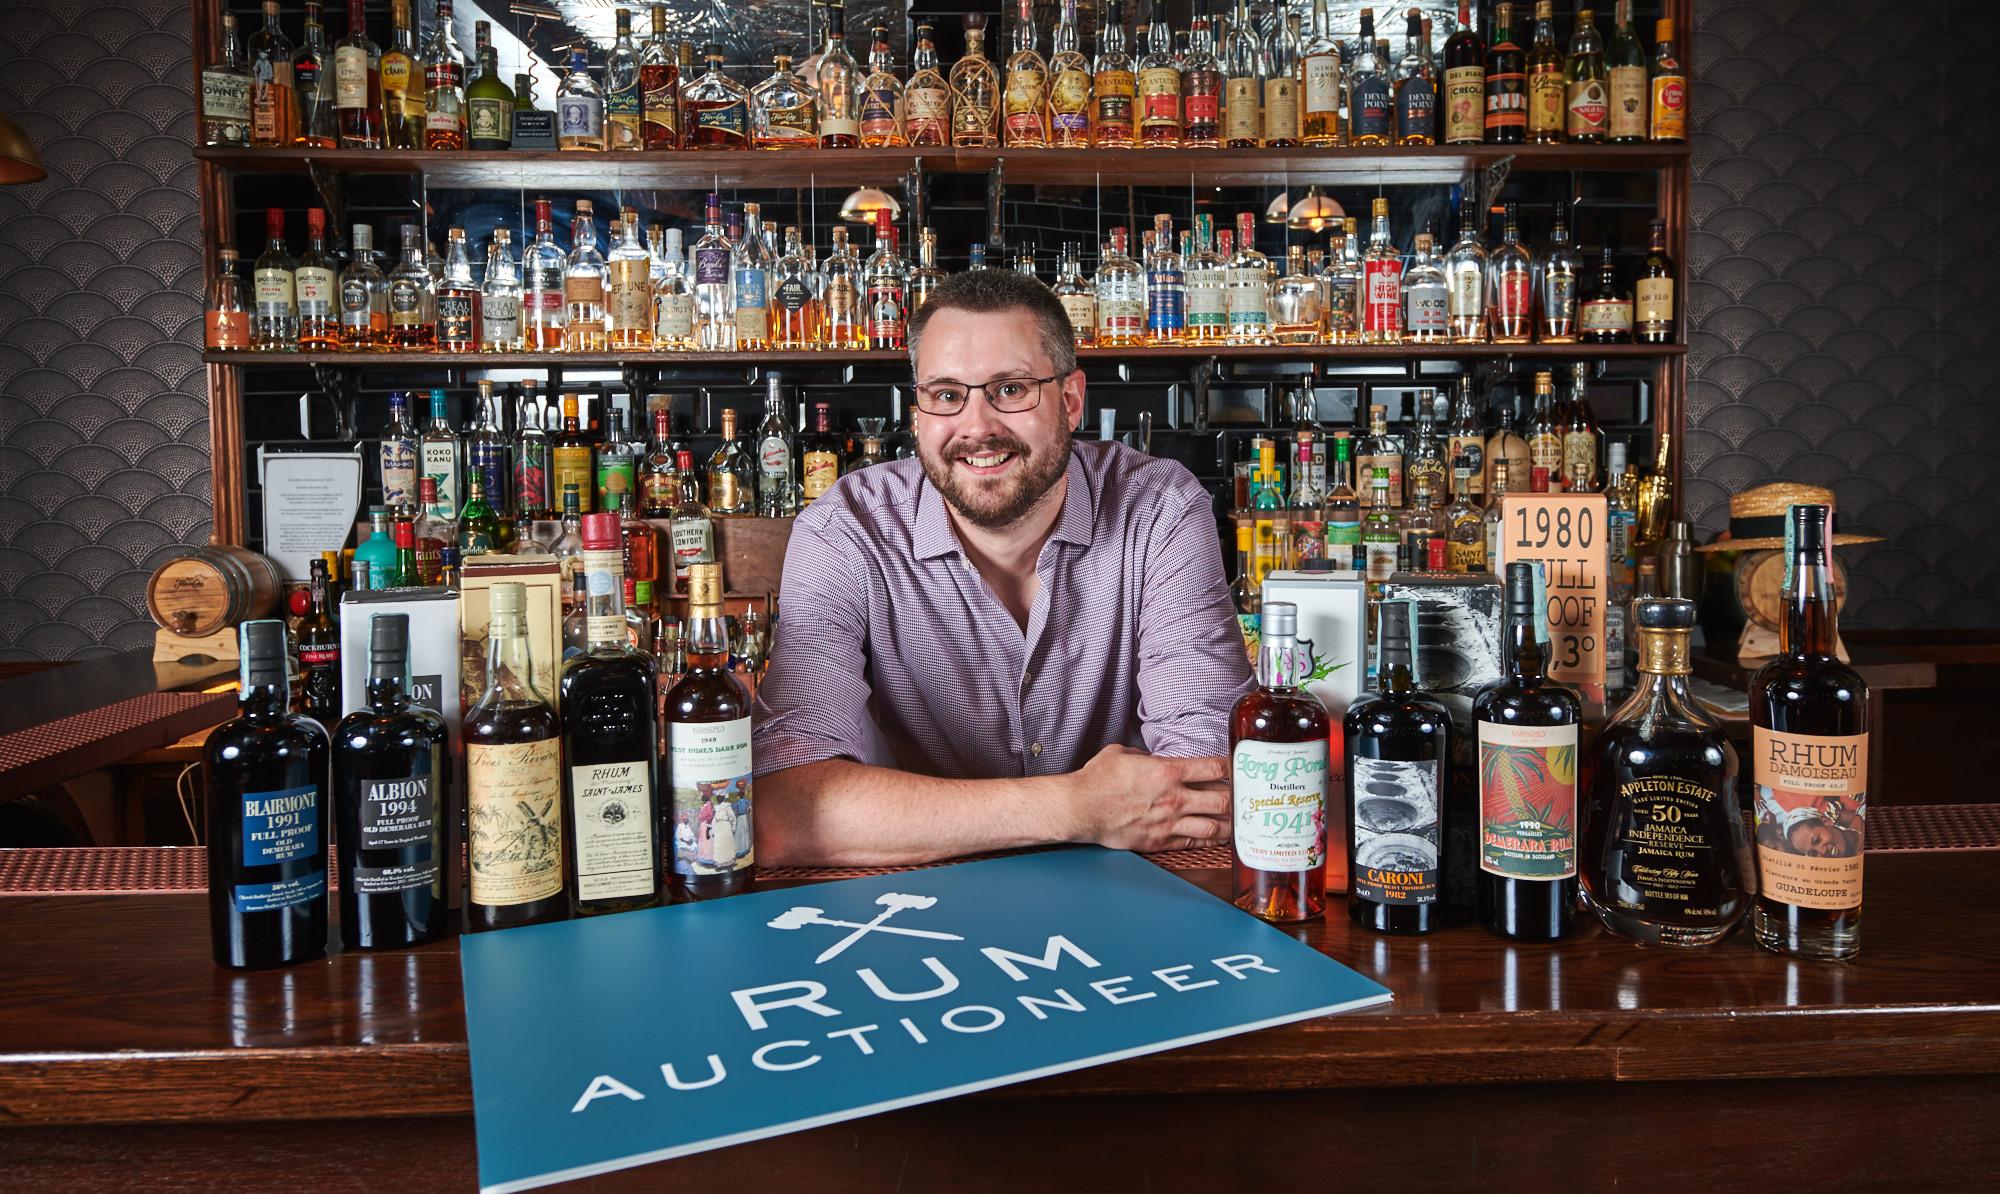 Rum Auctioneer, managing director Iain McClune